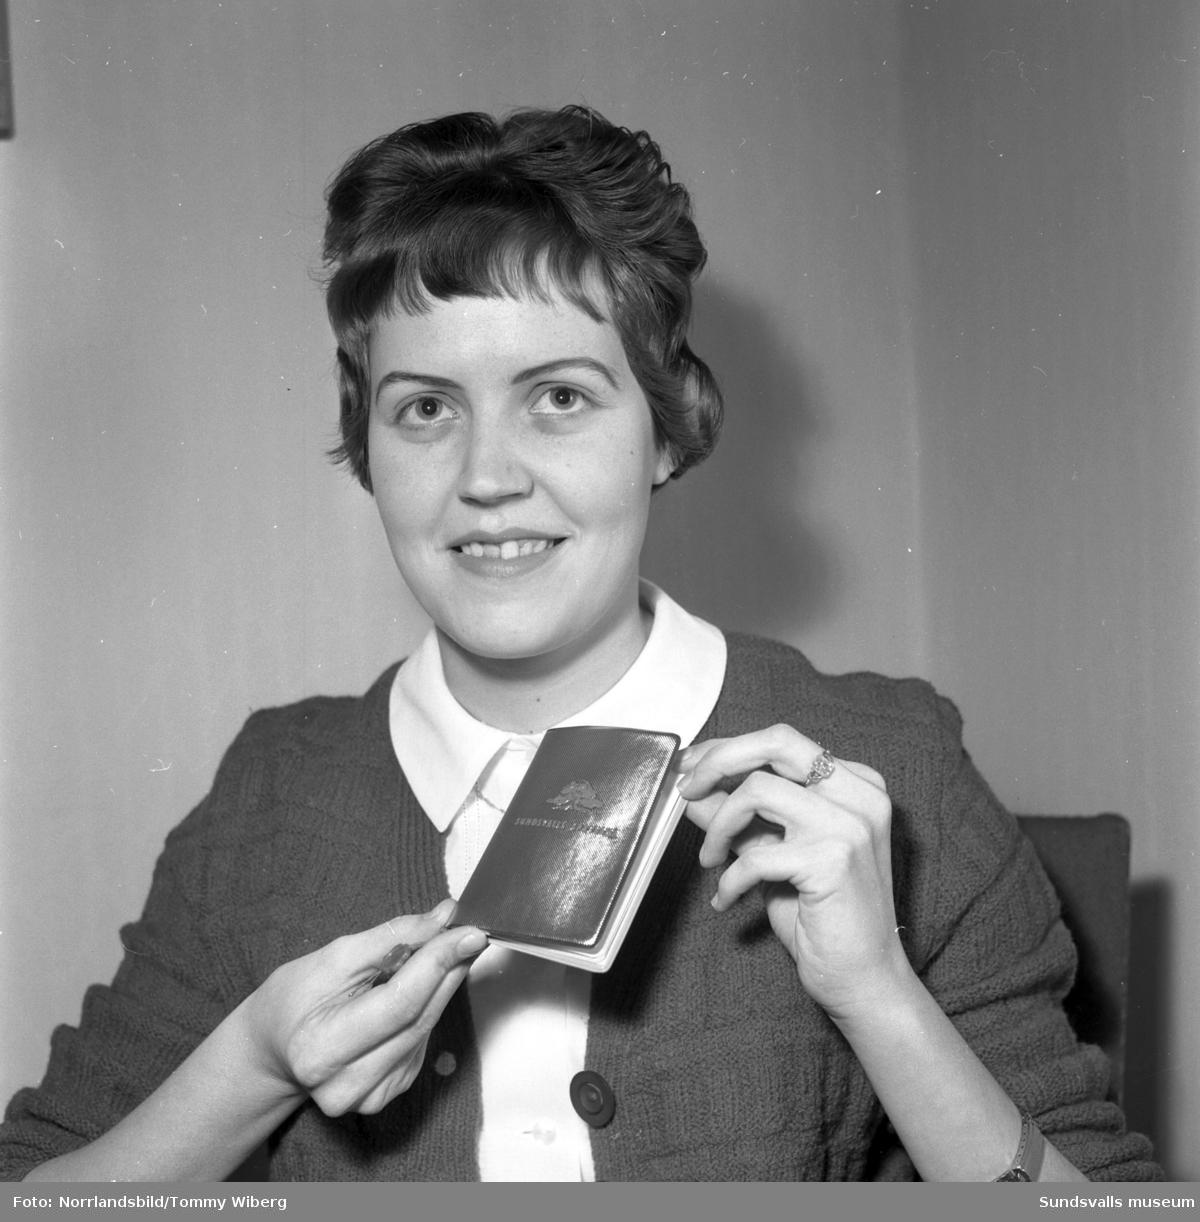 Under sparbanksveckan 1960 presenterade Sparbanken sin nyhet Guldboken, en bankbok tänkt som ett anternativ till presentkort eller kontanter vid bemärkelsedagar eller andra högtidliga tillfällen.